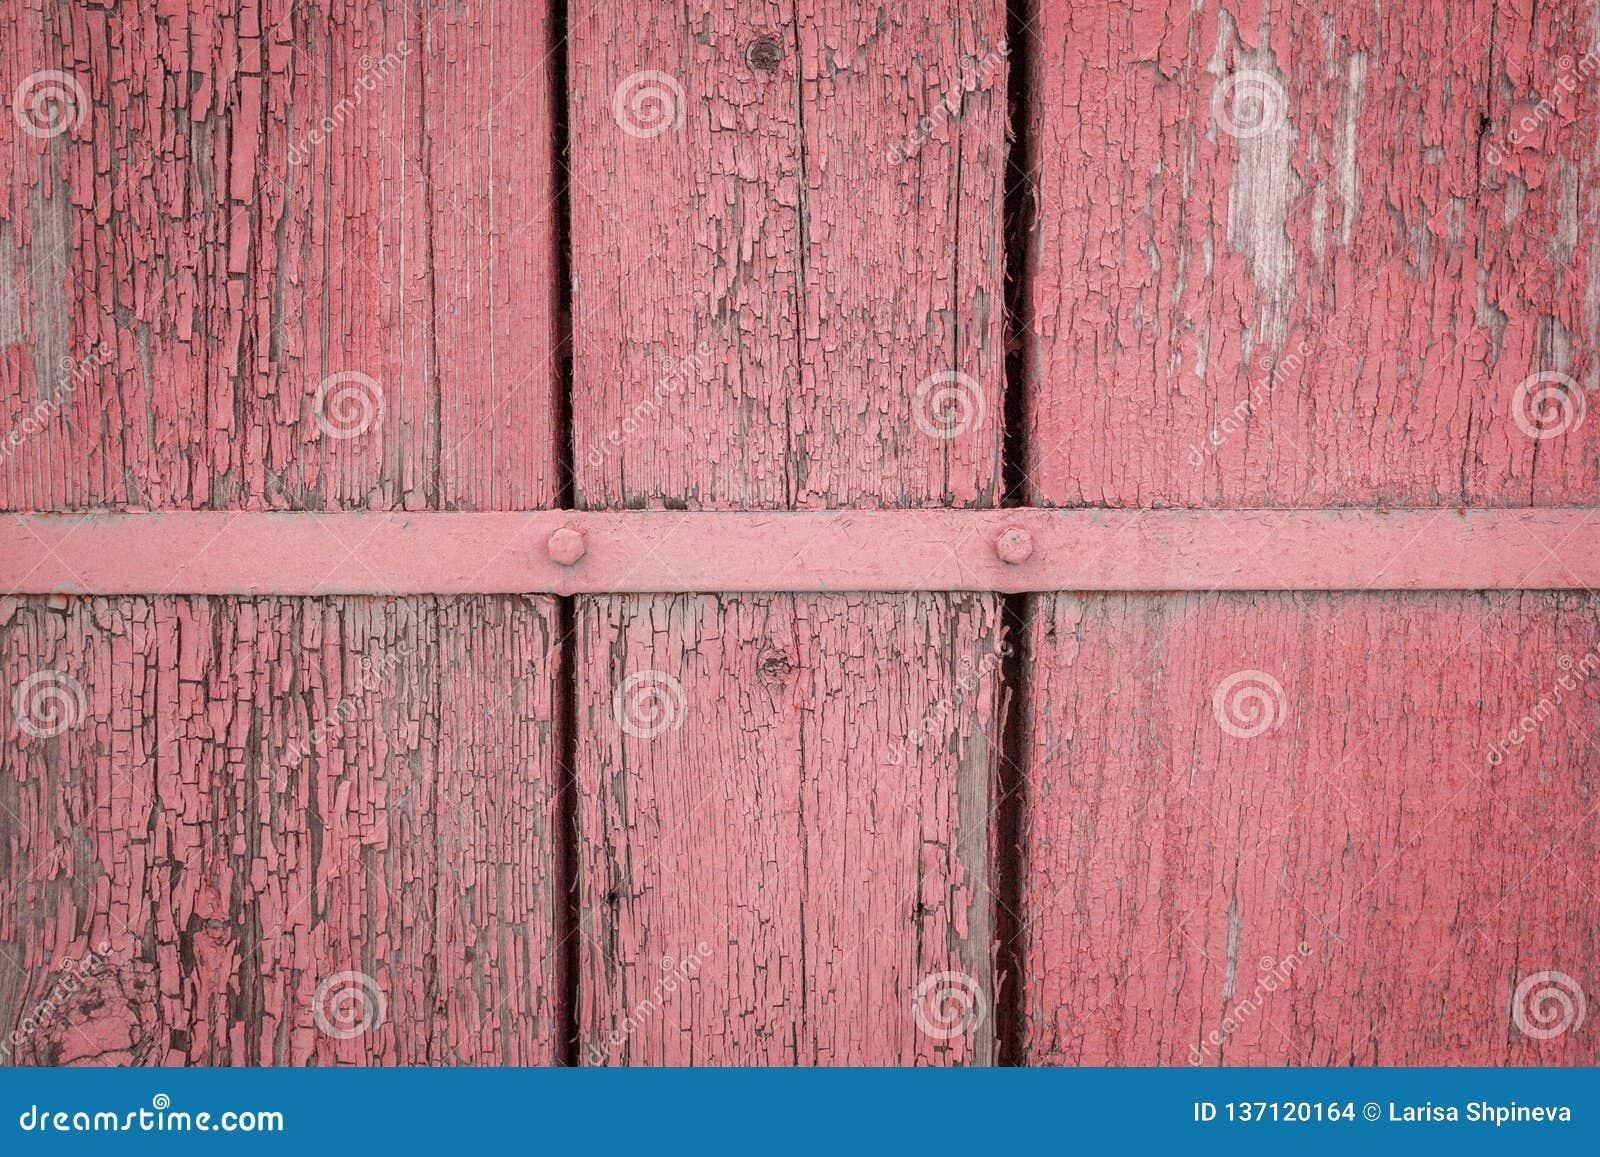 Alte verwitterte hölzerne Planke gemalt in Lebenkoralle, rosa Farbe mit Metallstreifen, hölzerner Beschaffenheitswandhintergrund